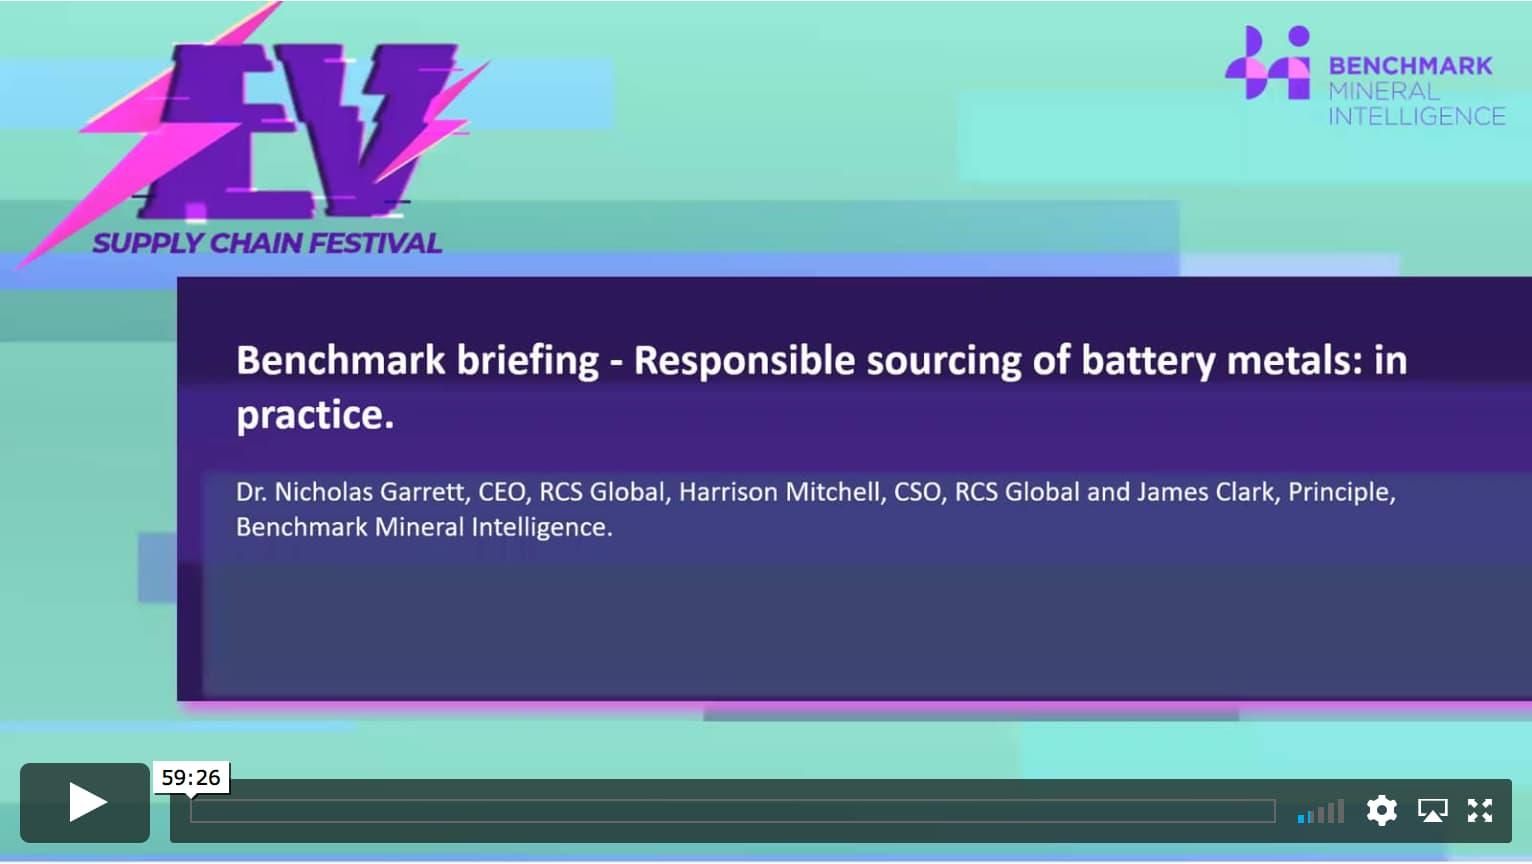 Responsible sourcing of battery metals: in practice